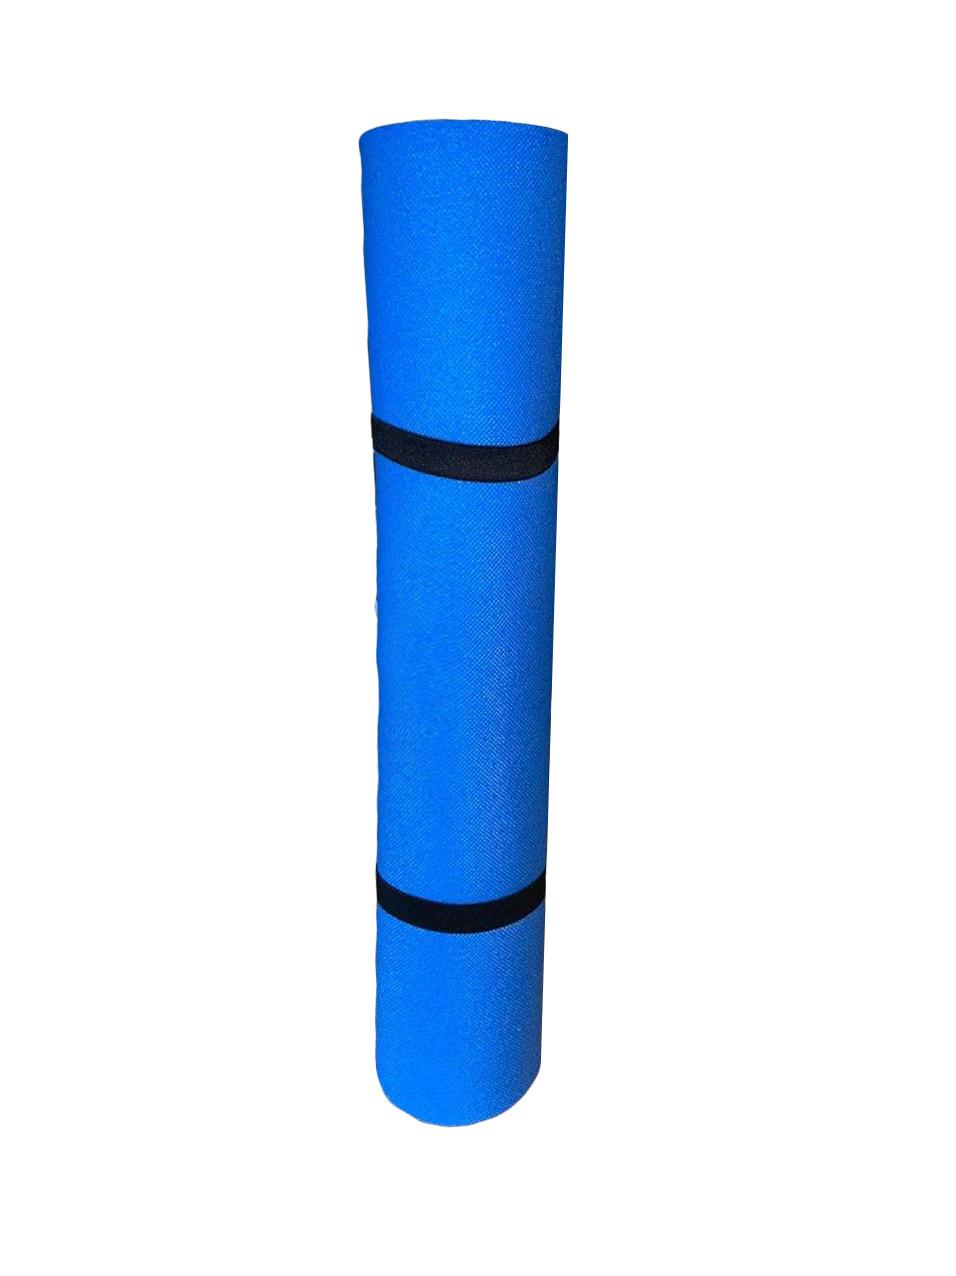 Коврик для фитнеса синий, т. 5 мм, размер 50х180 см, производитель Украина, TERMOIZOL®